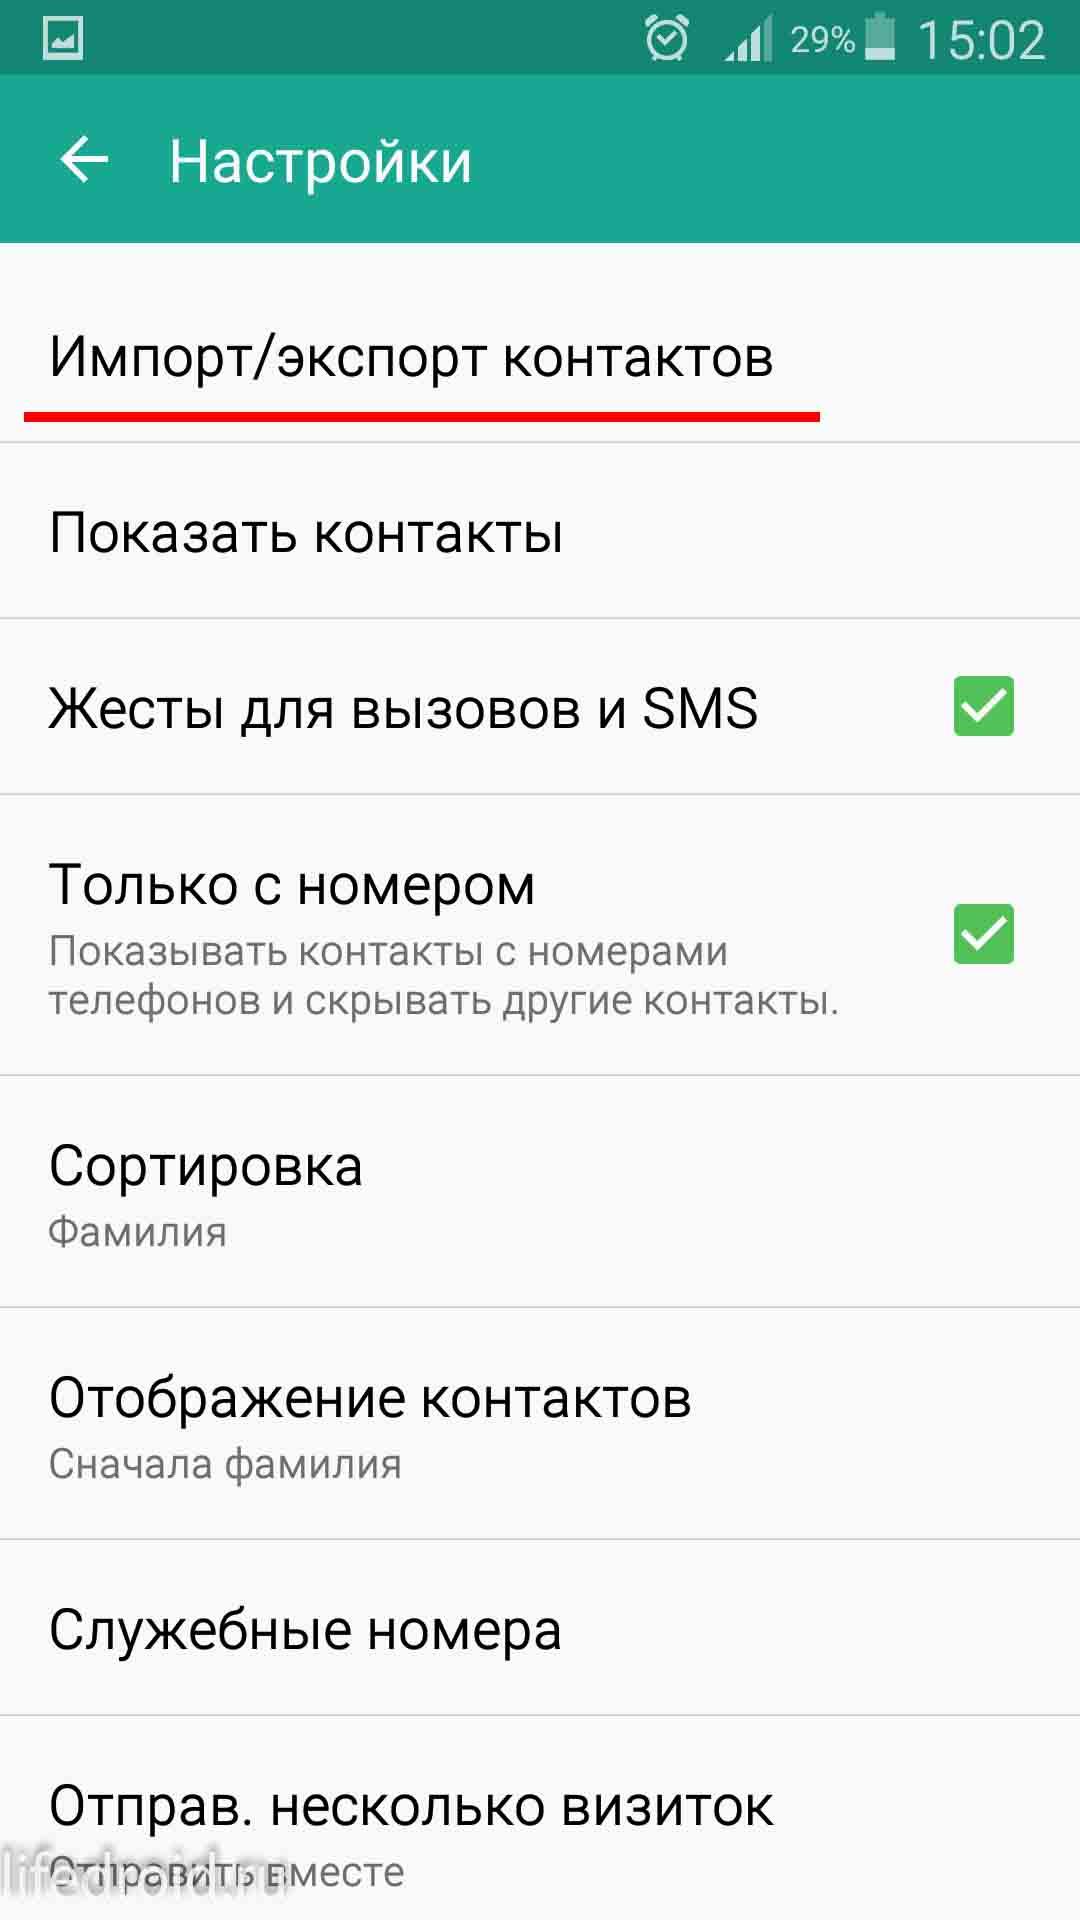 Как сделать импорт контактов на андроиде